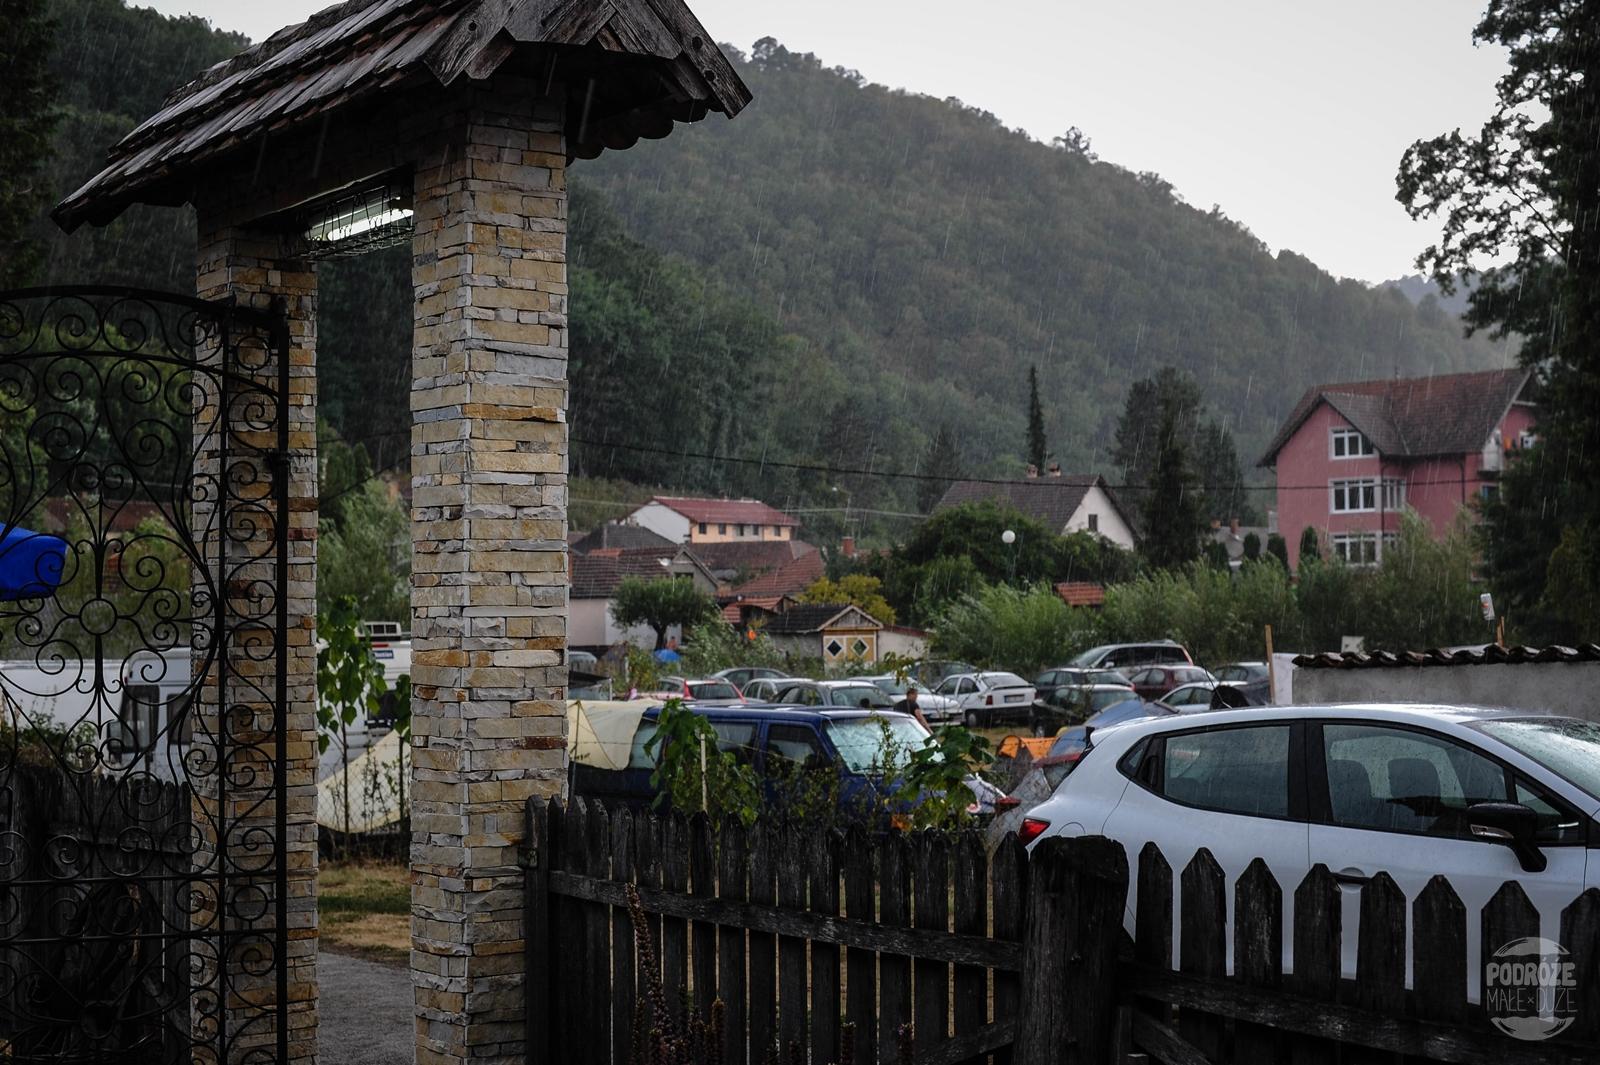 Serbia festiwal trąb w Guca deszcz